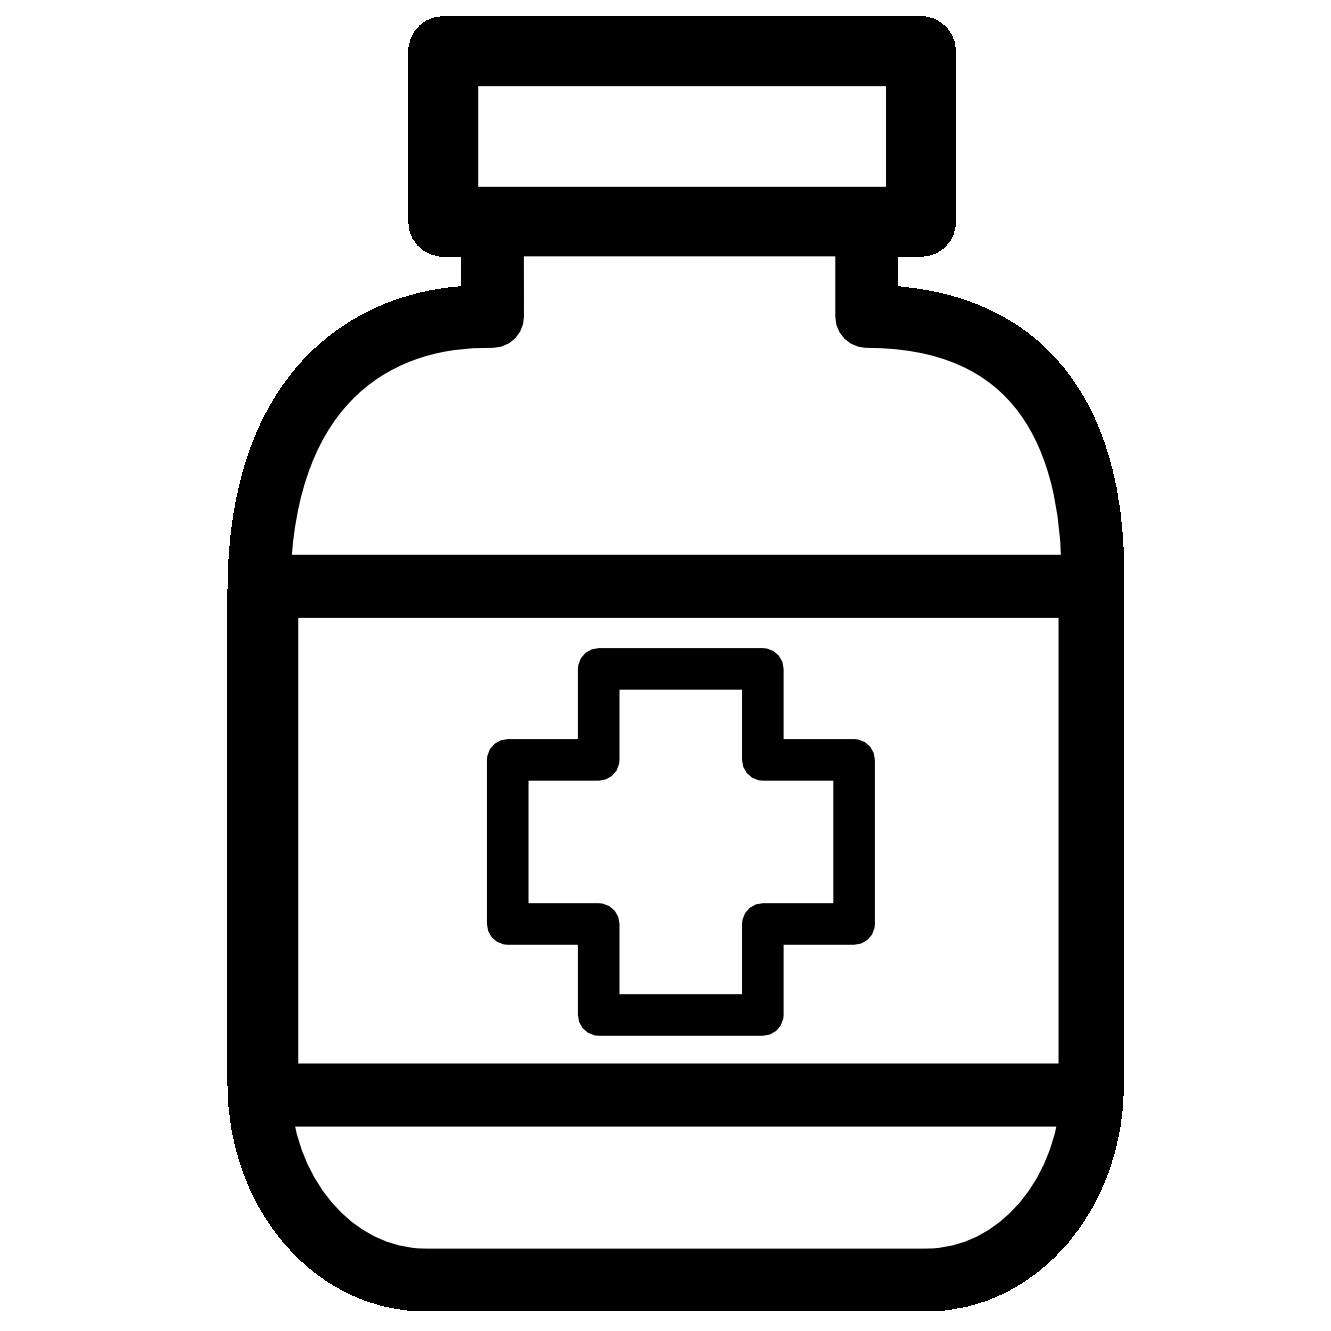 graphic medicine clipart black and white #59334223